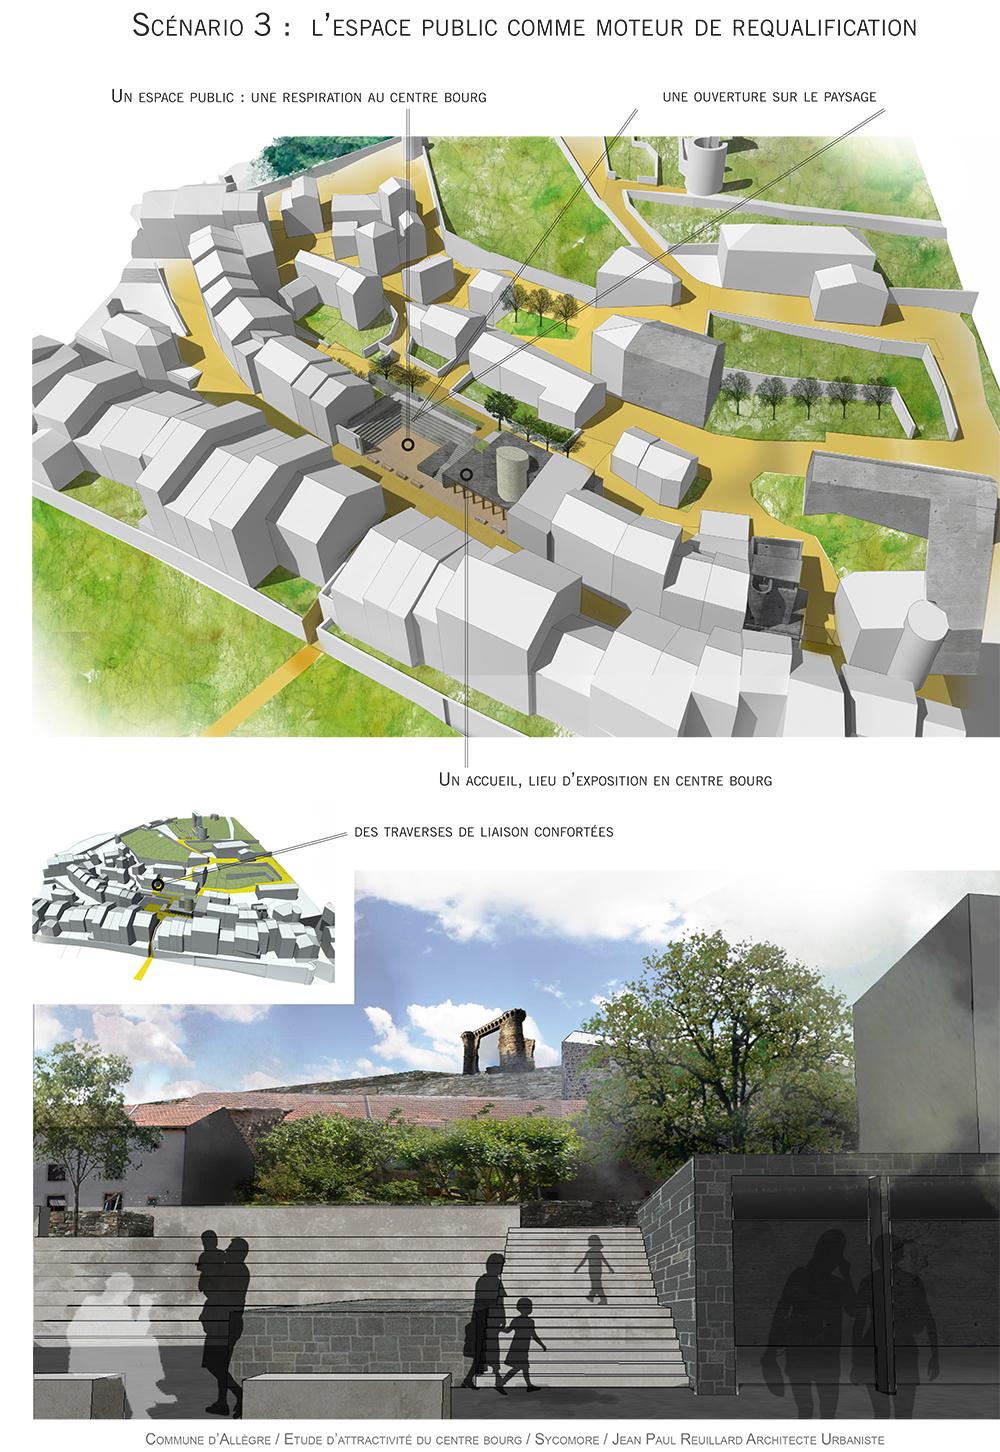 projet revitalisation centre bourg Allègre paysagiste Clermont-Ferrand 3